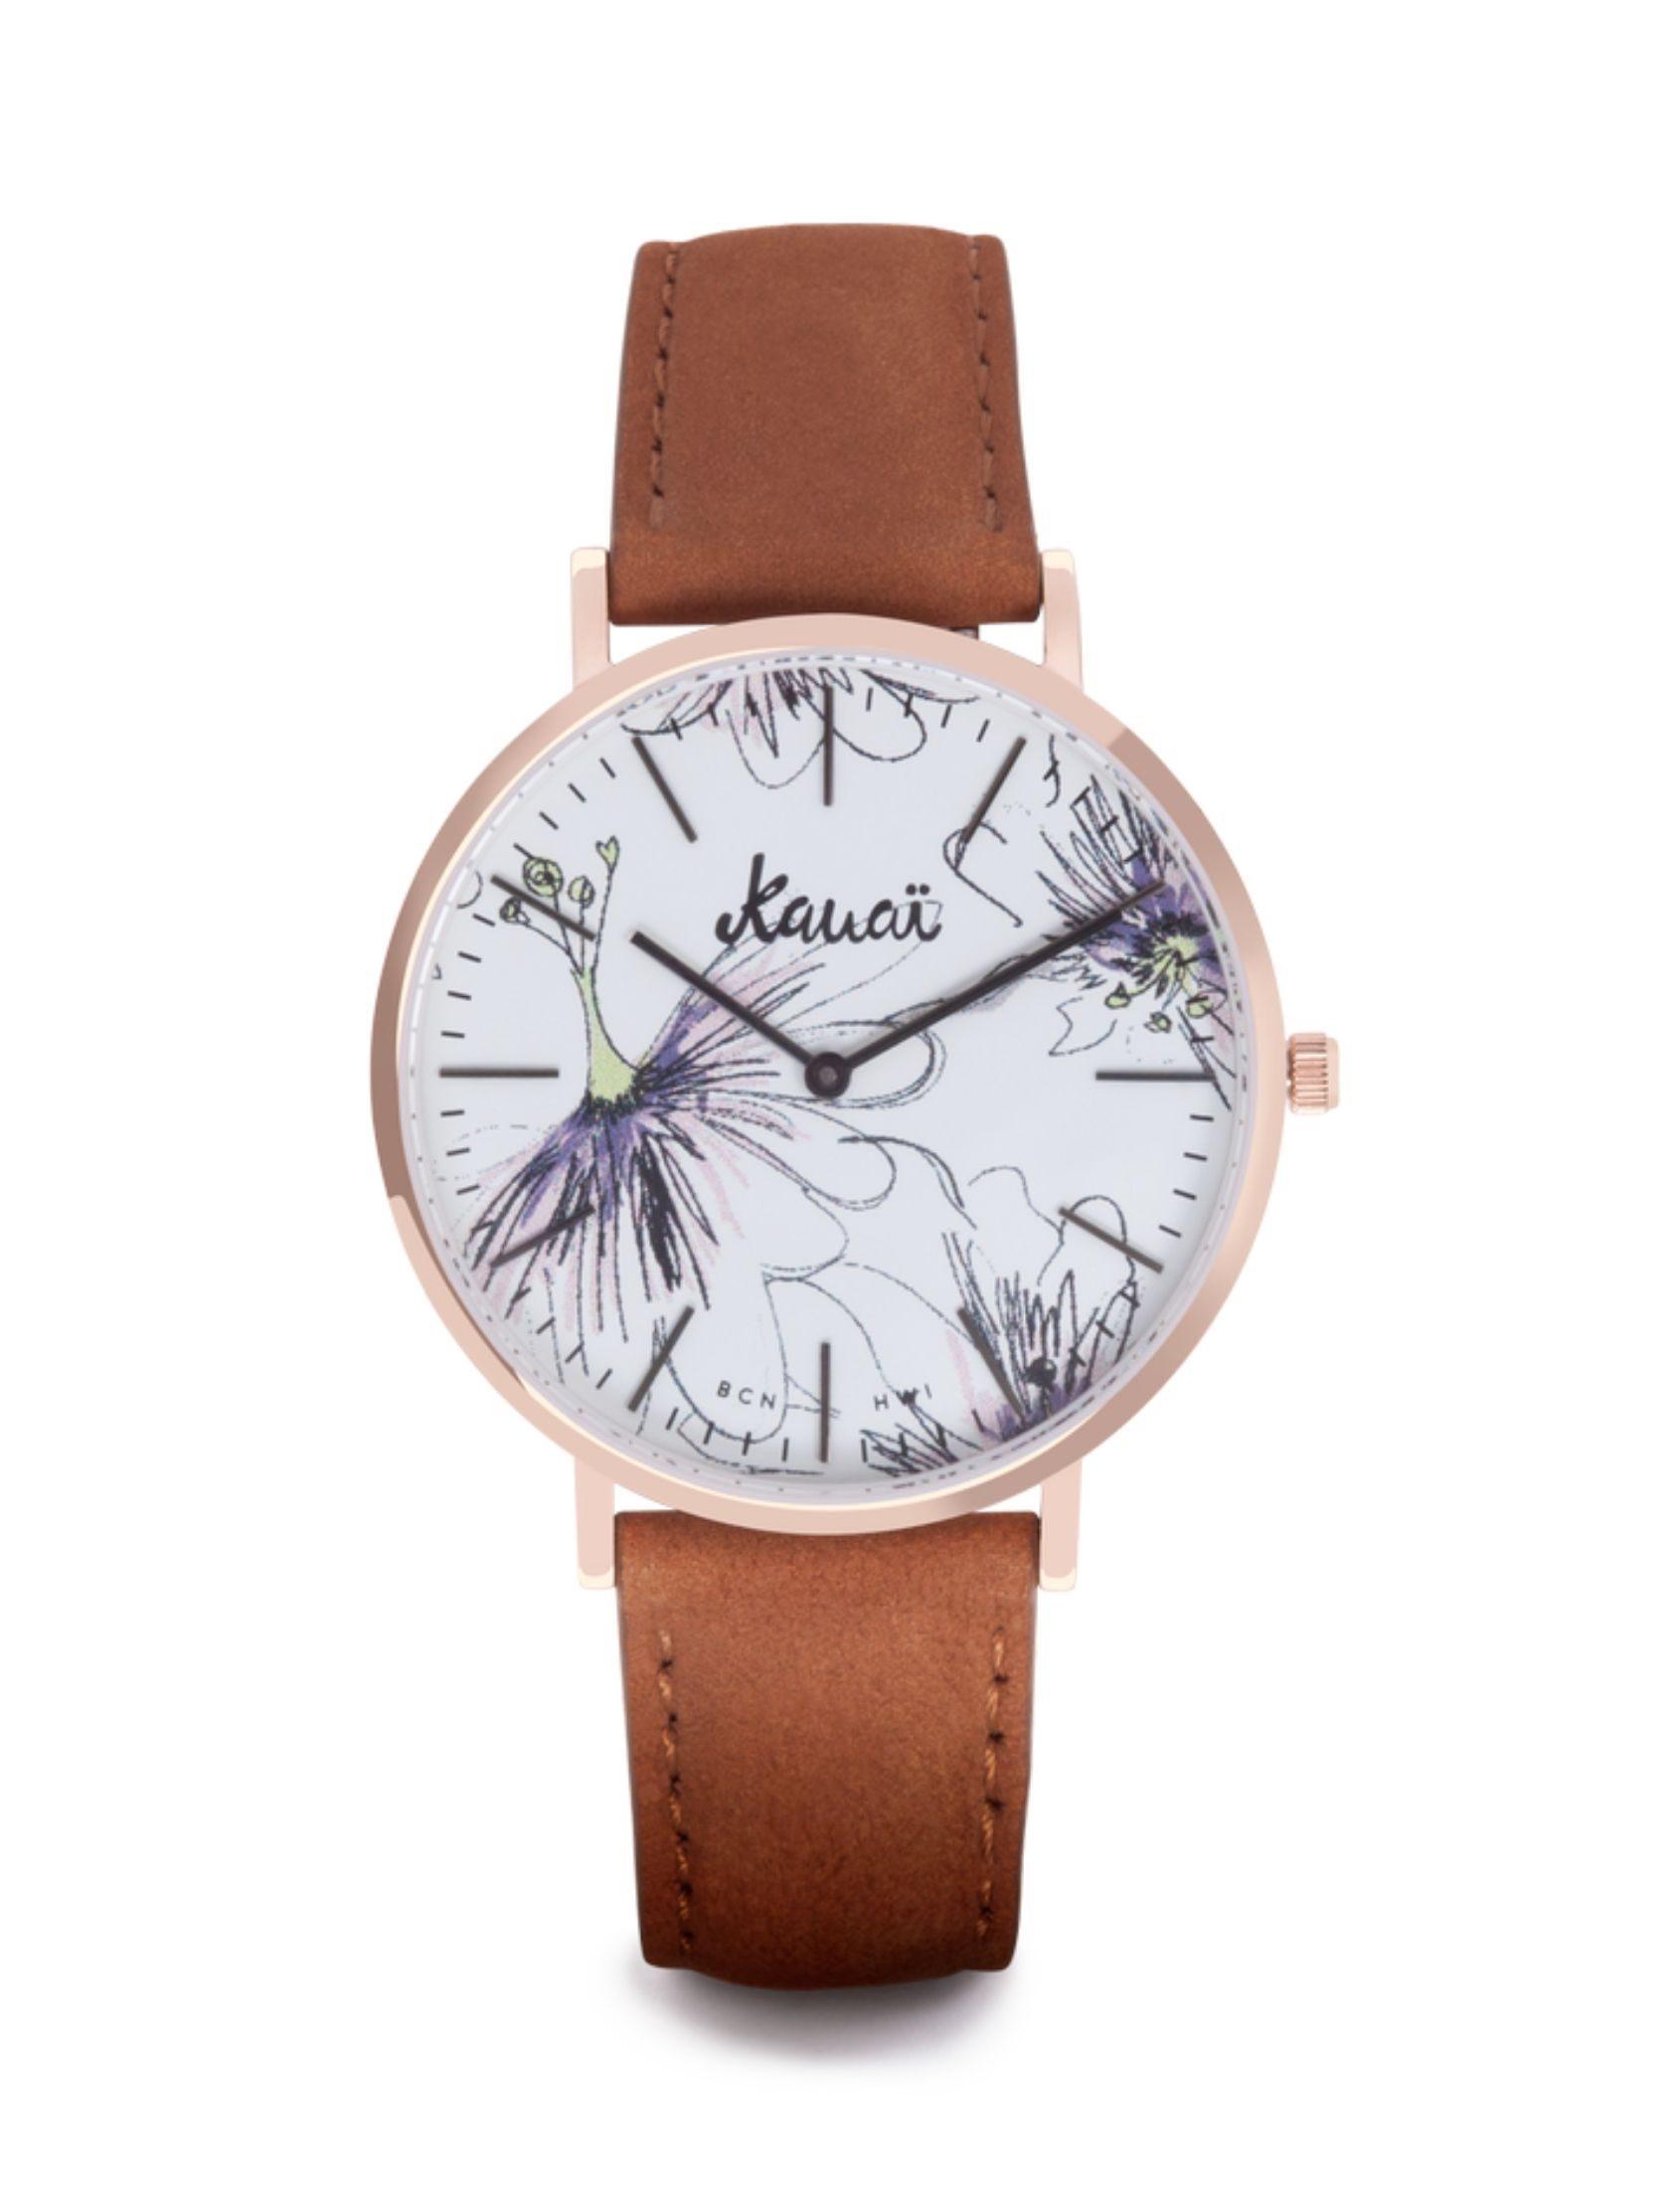 Reloj Napali Pua de Kauai Watches con esfera blanca y estampado floral. Correa de cuero